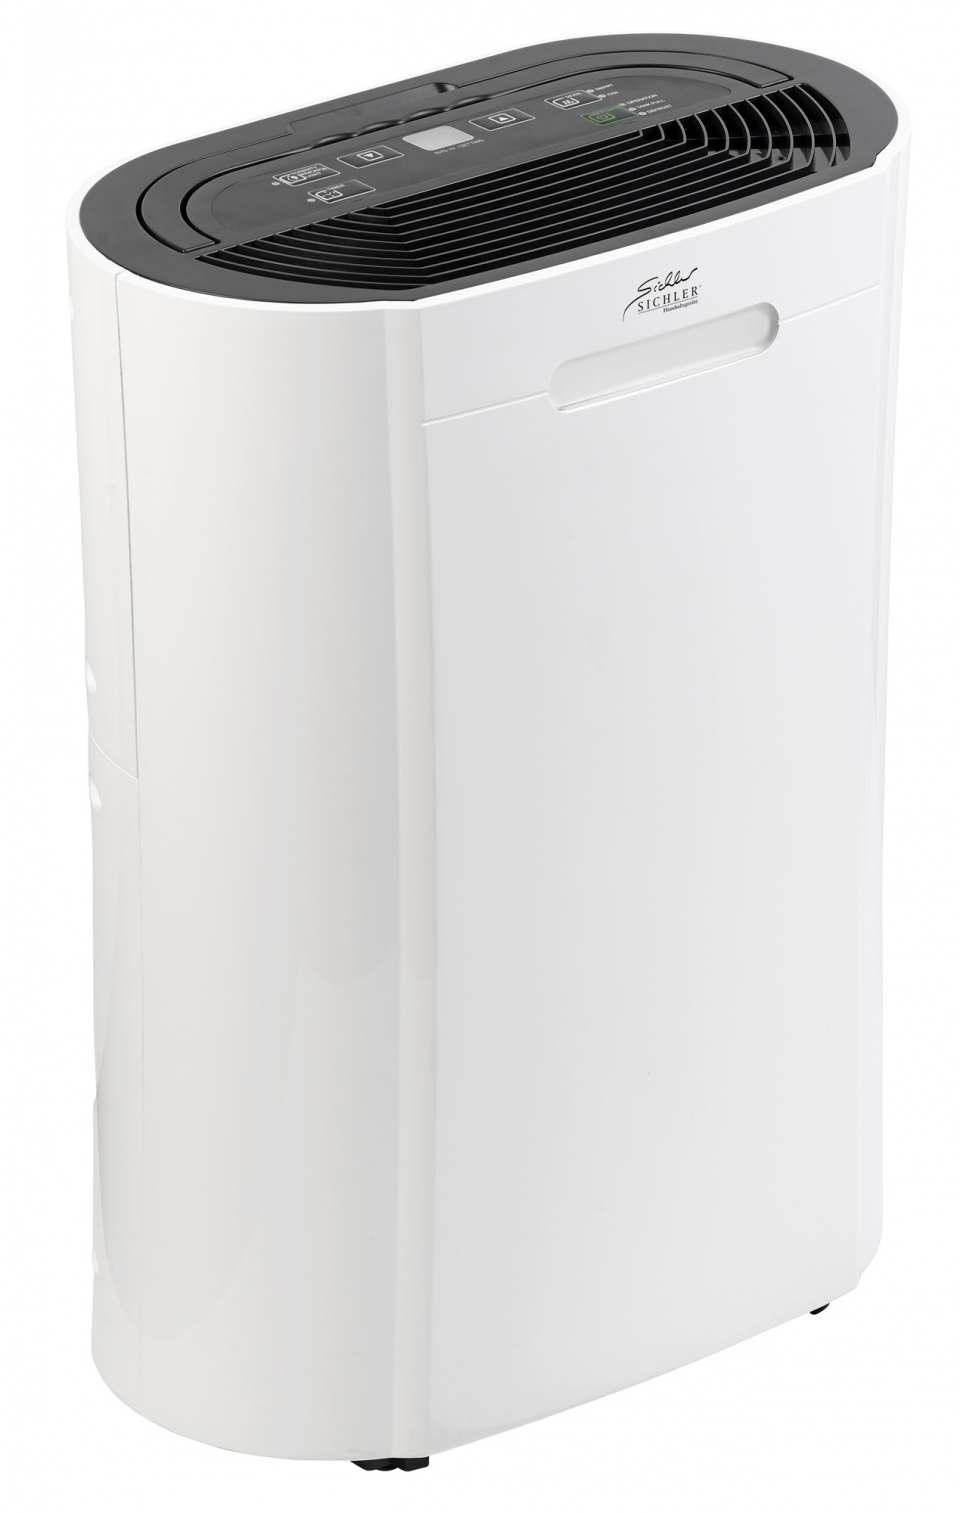 Sichler Luftentfeuchter LFT-410 mit Steuerung auch über Amazon Alexa & Google Assistant.